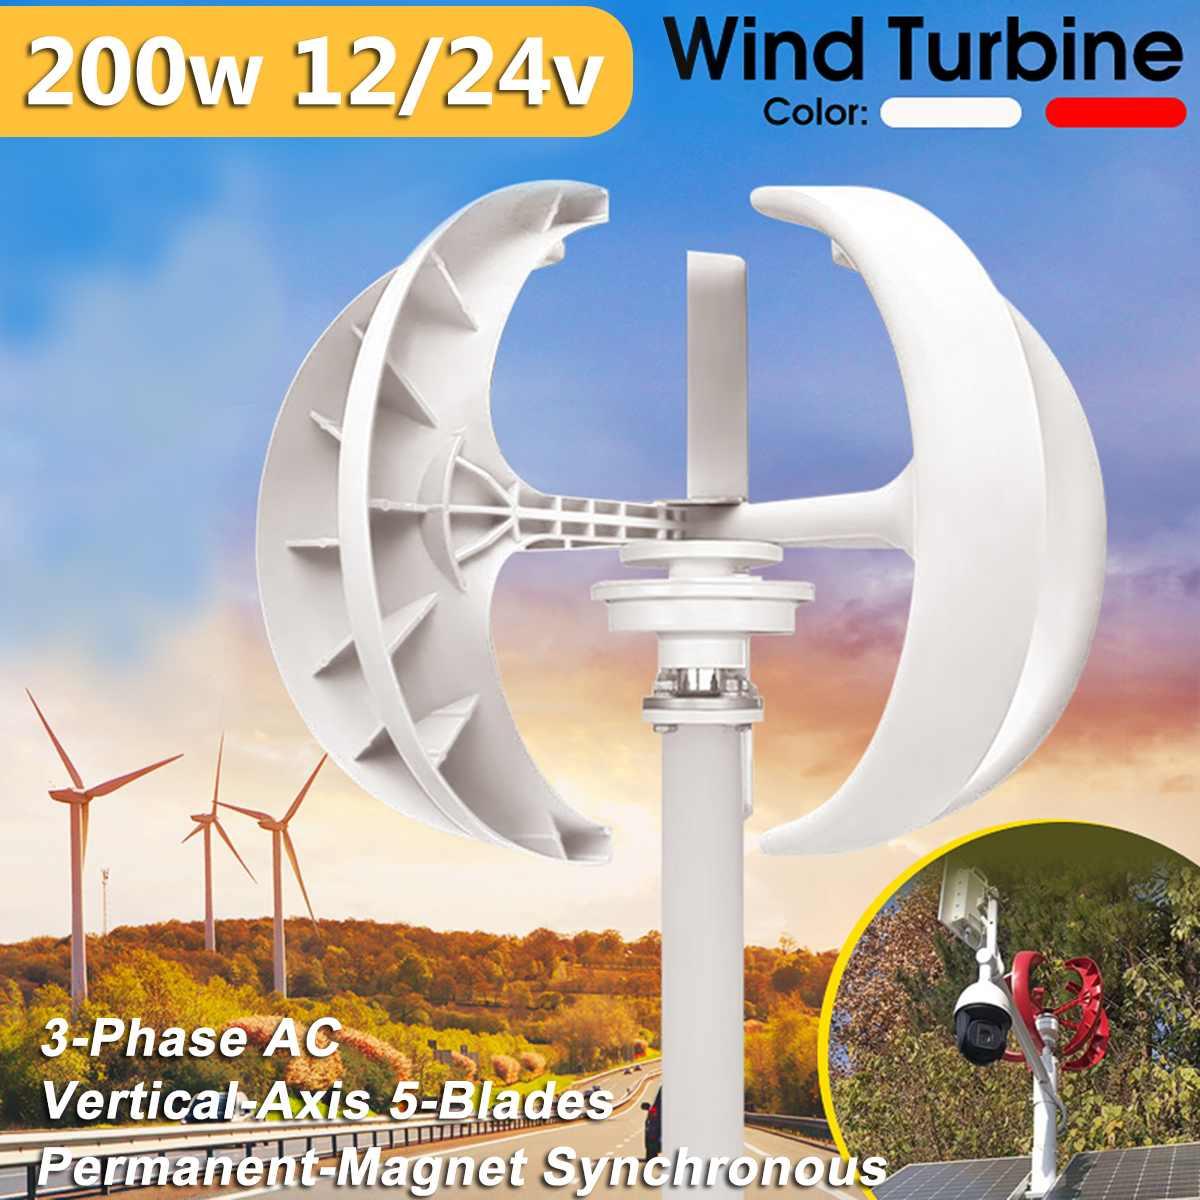 RüCksichtsvoll Max 400 W 12/24 V Wind Urbinen-arbeitsmaschine Weiß Laterne Typ 5 Klingen Vertikale Achse Kit Hybrid Hause Verbesserung Netzteil Straßenbeleuchtung Verwenden Diversifiziert In Der Verpackung